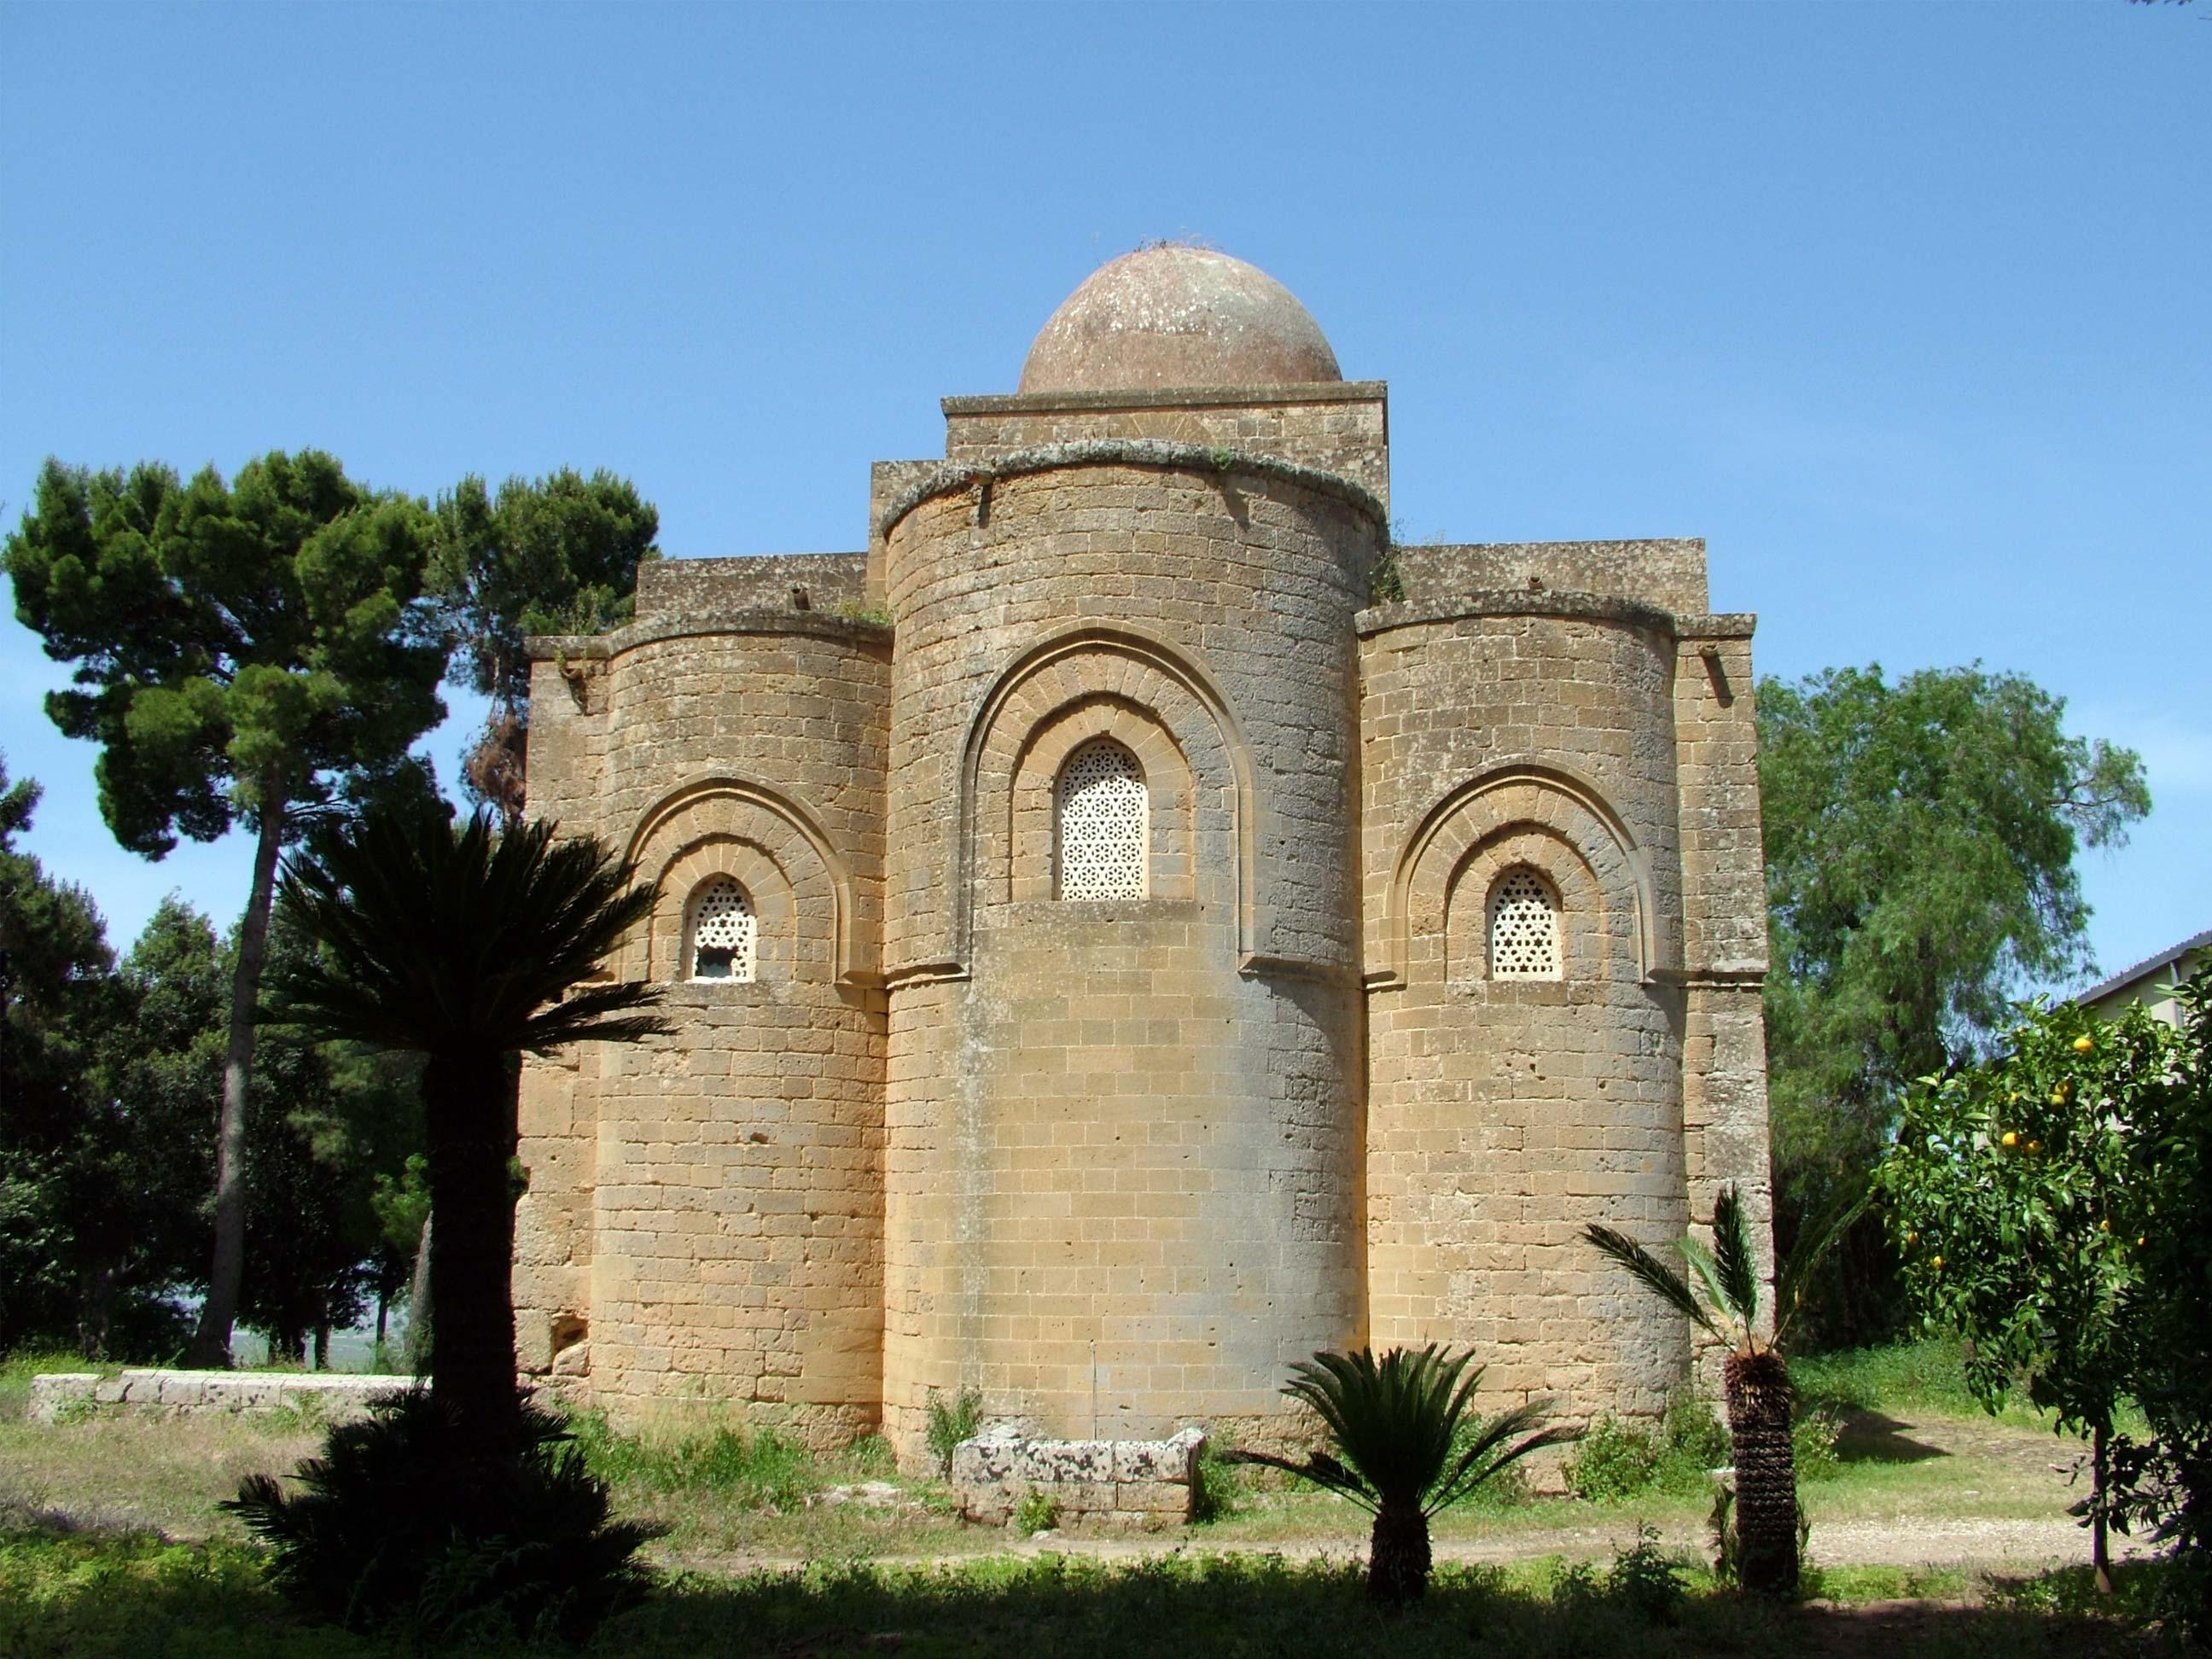 Che Idea Mobili Castelvetrano.Castelvetrano In Sicilia Storia Chiese Cultura Monumenti